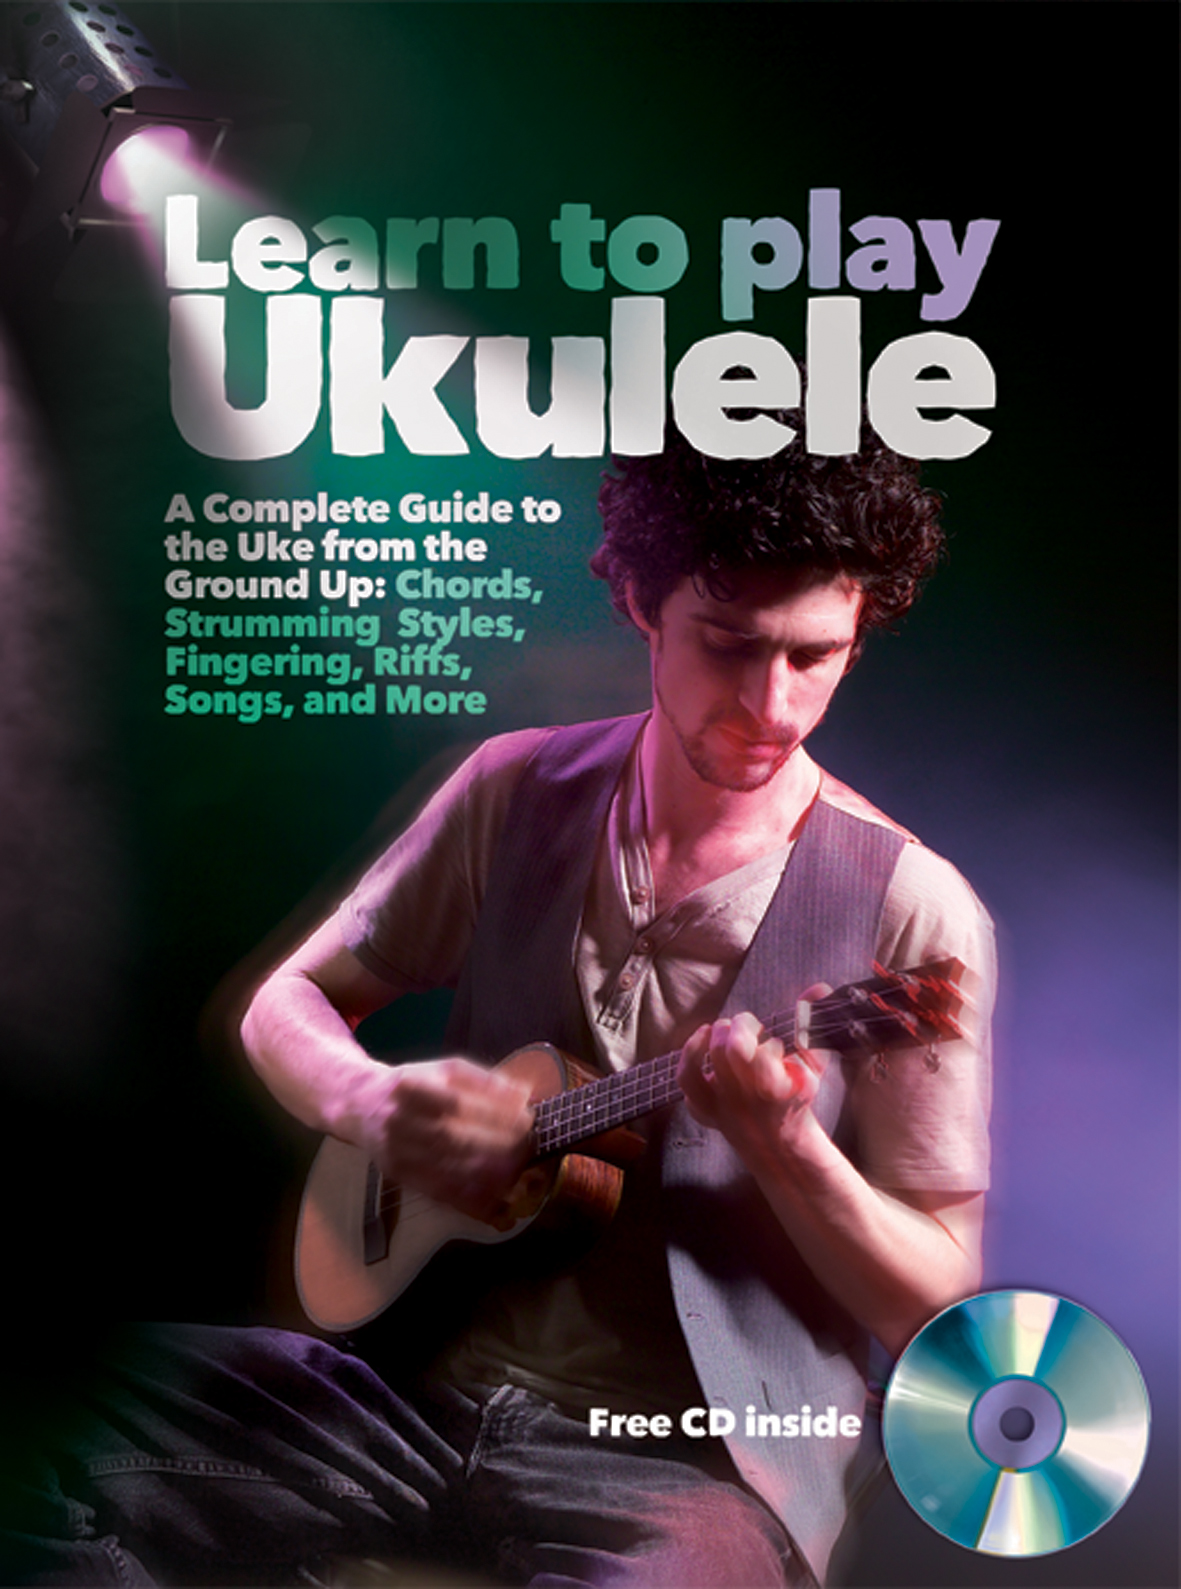 The Best Free Ukulele Ebooks | Ukulele Go